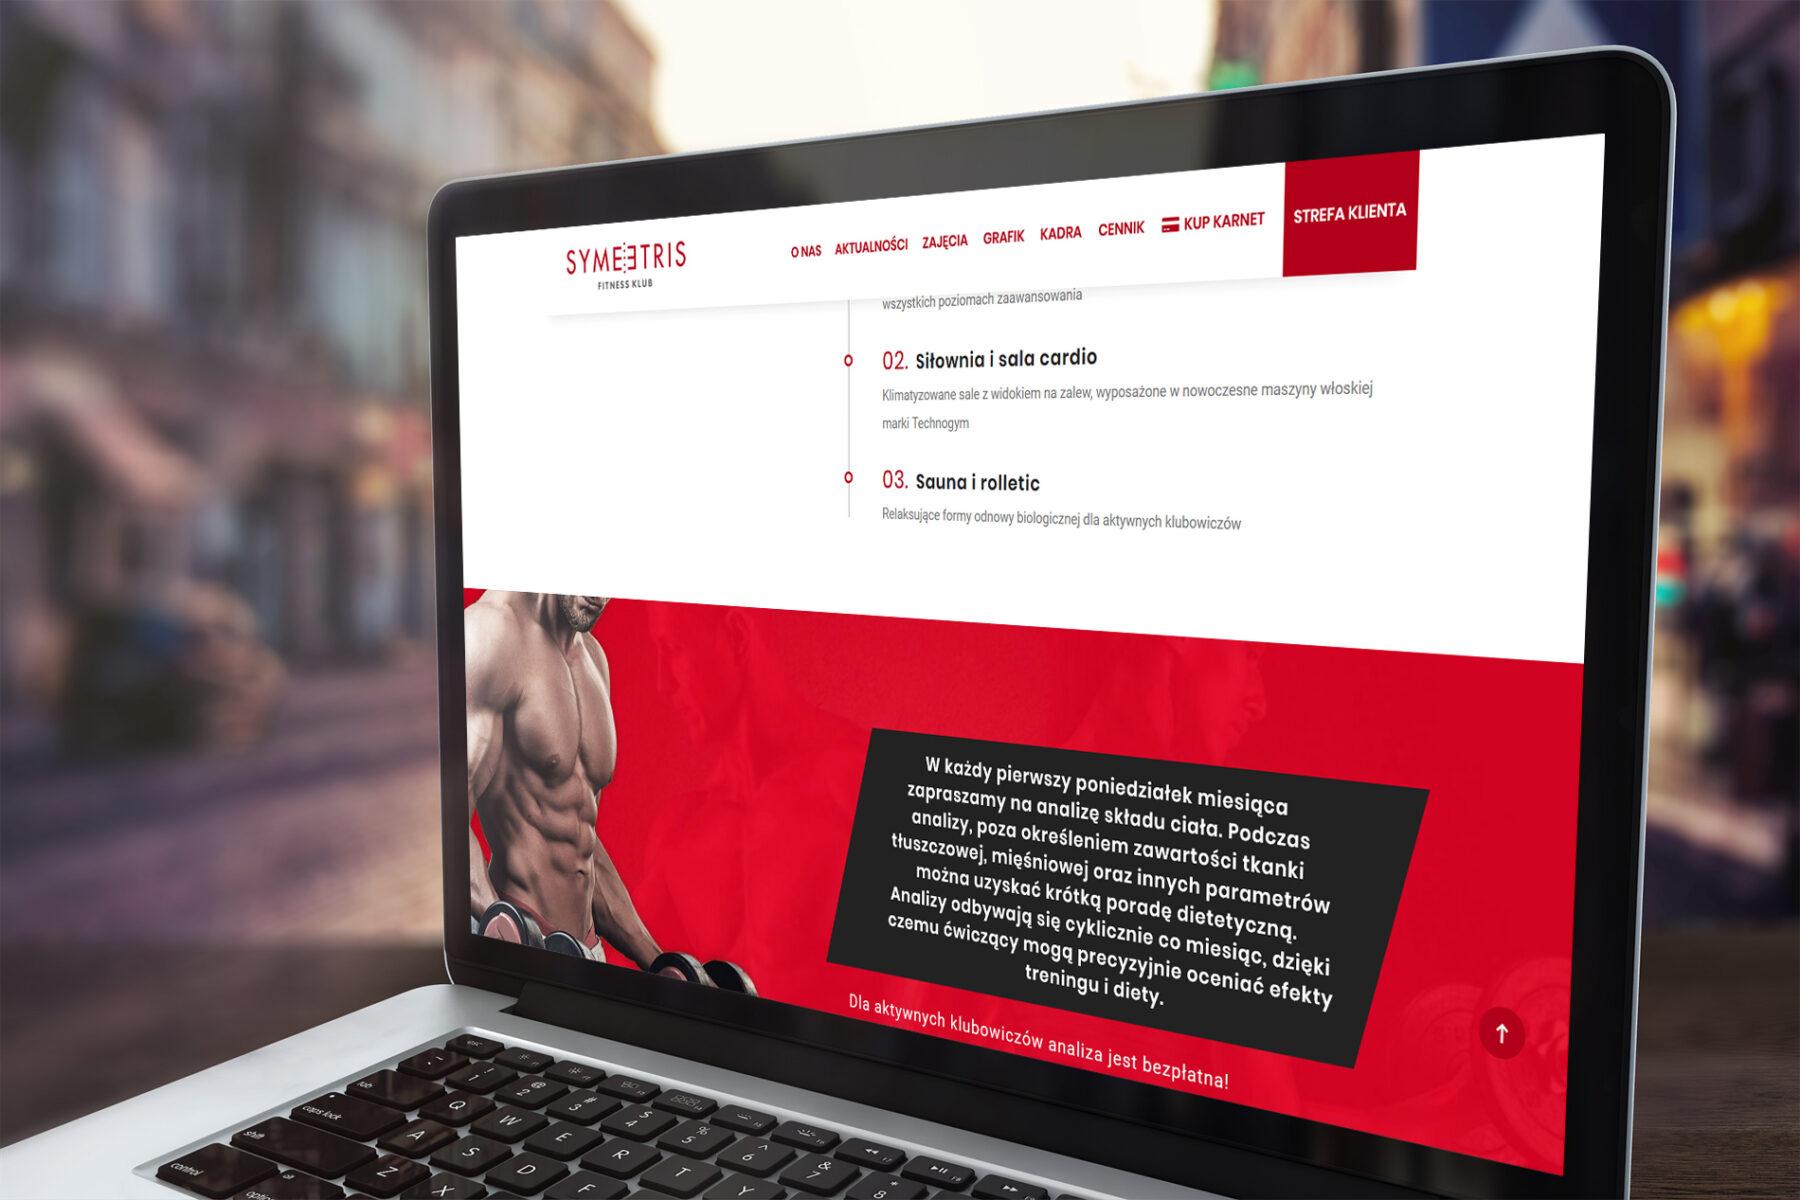 Strona www dla siłowni Symetris